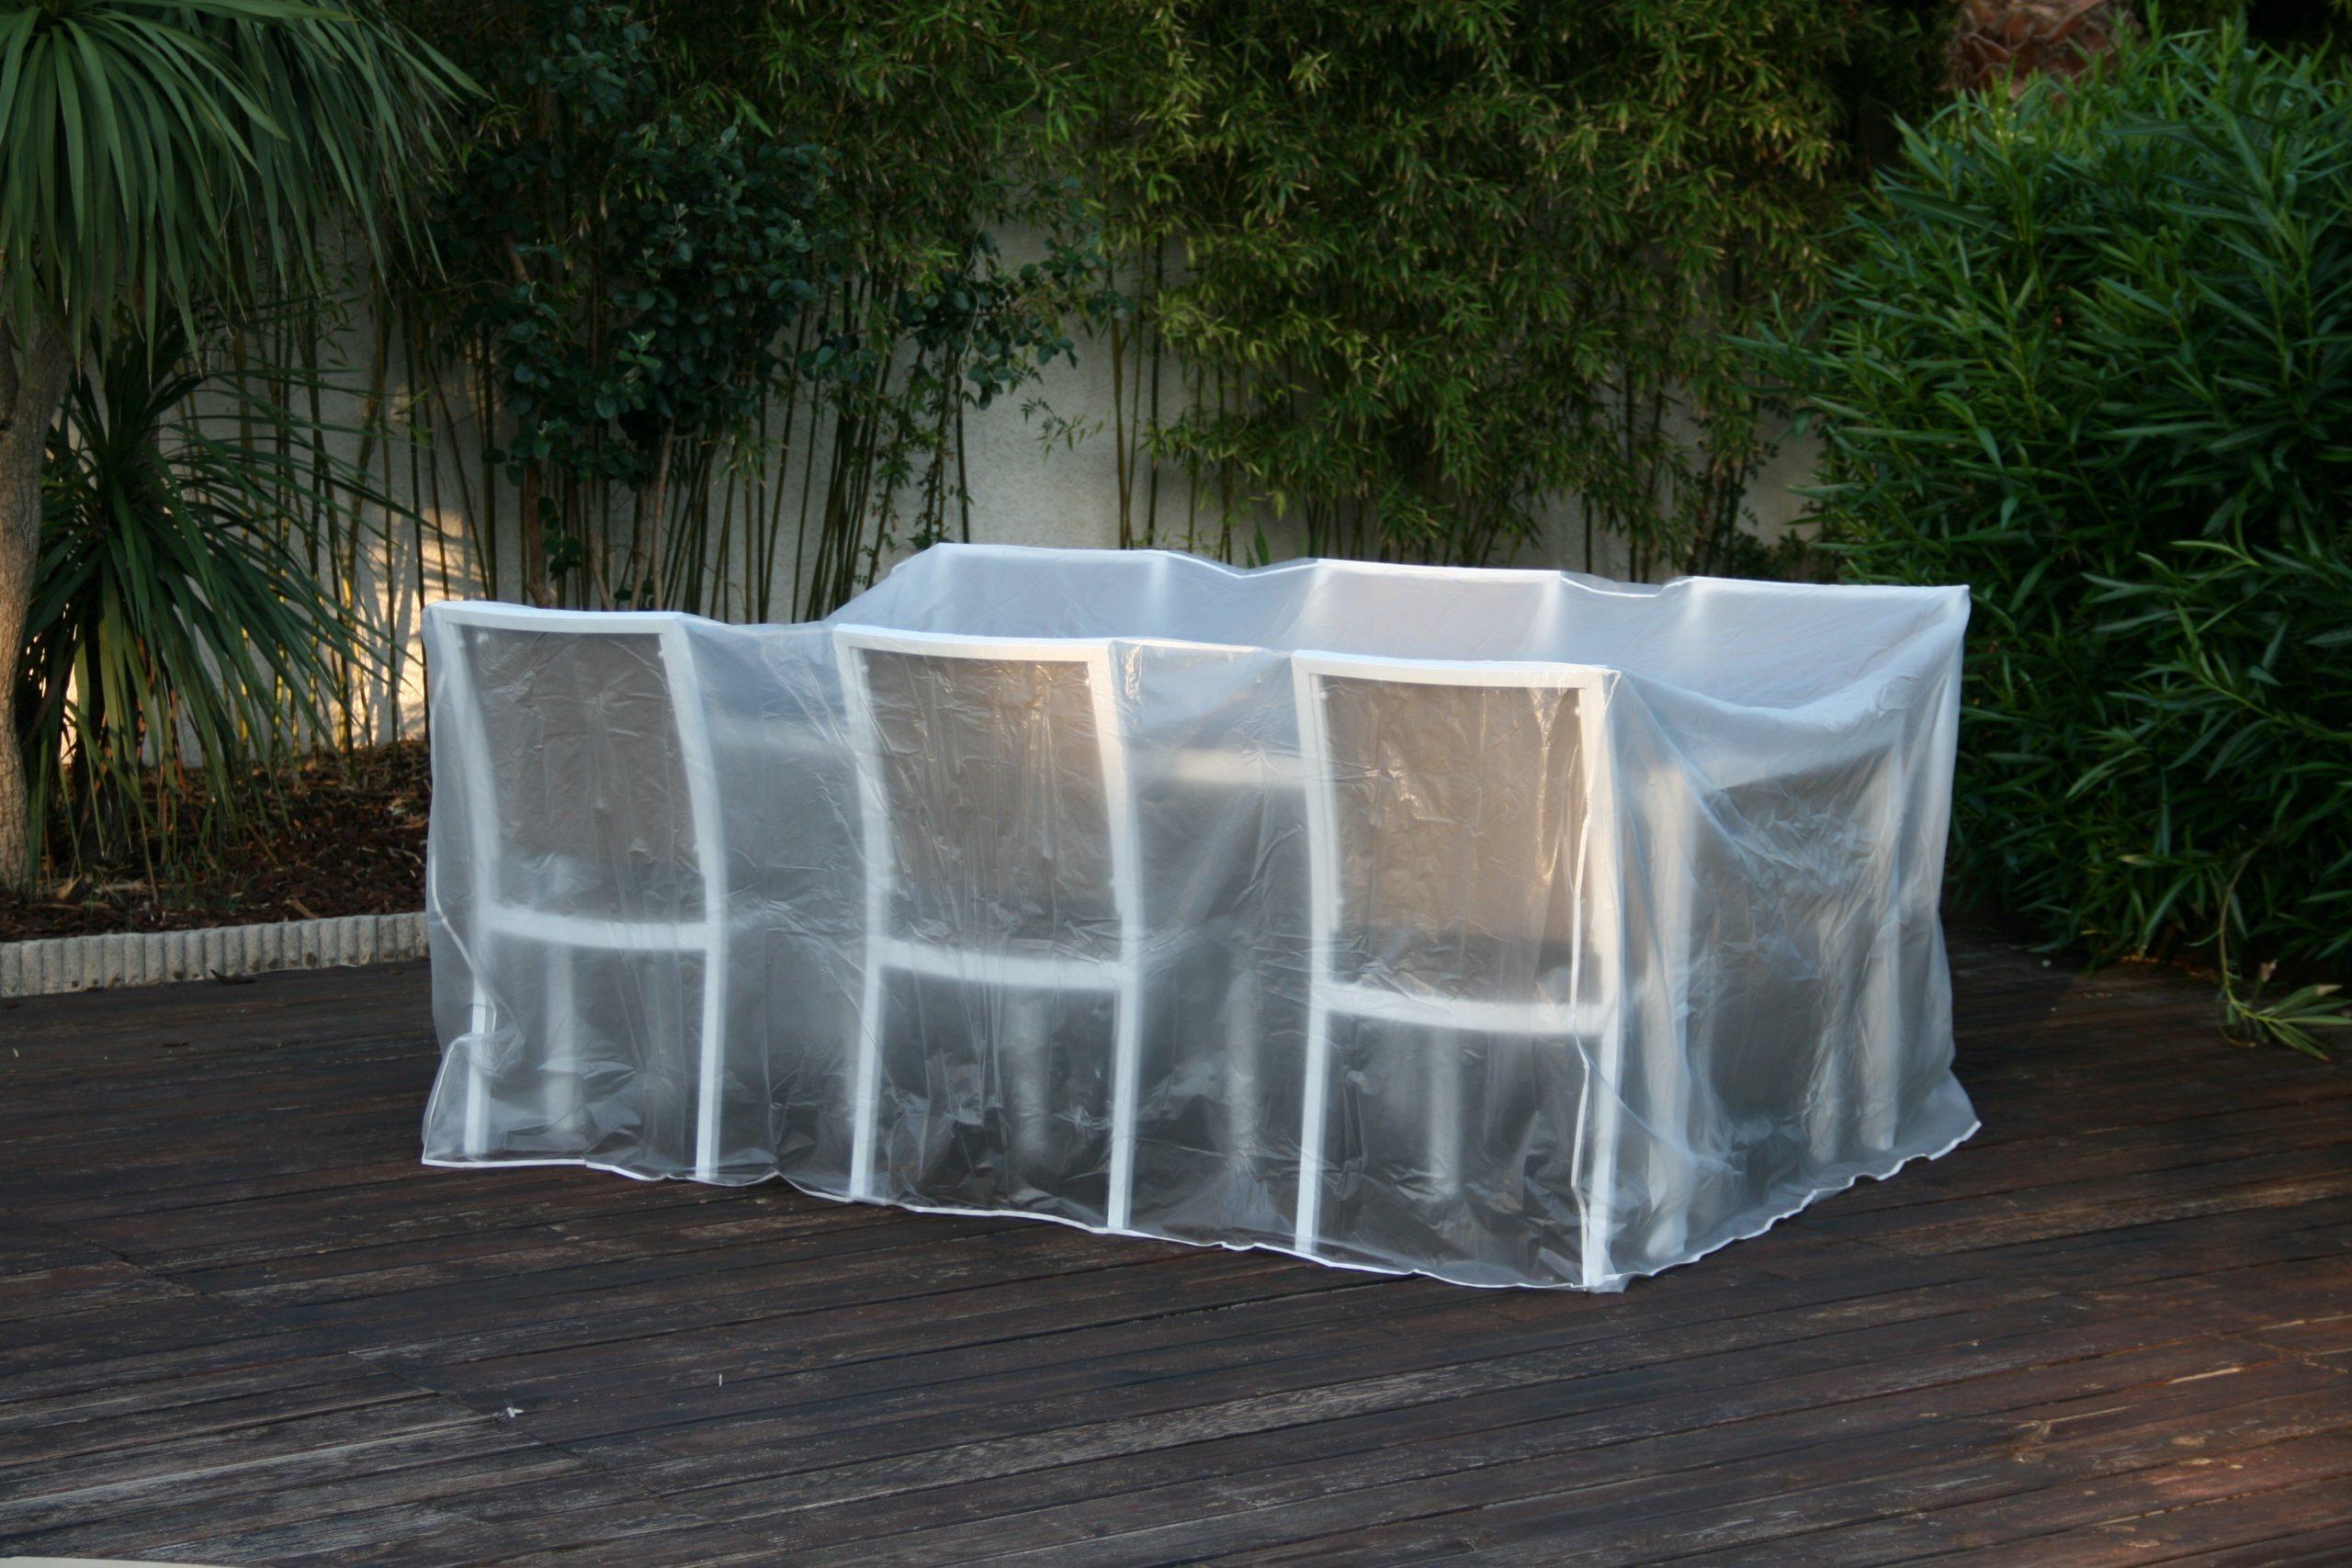 Housse De Protection / Bâche Pour Salon Et Table De Jardin tout Bache De Protection Salon De Jardin